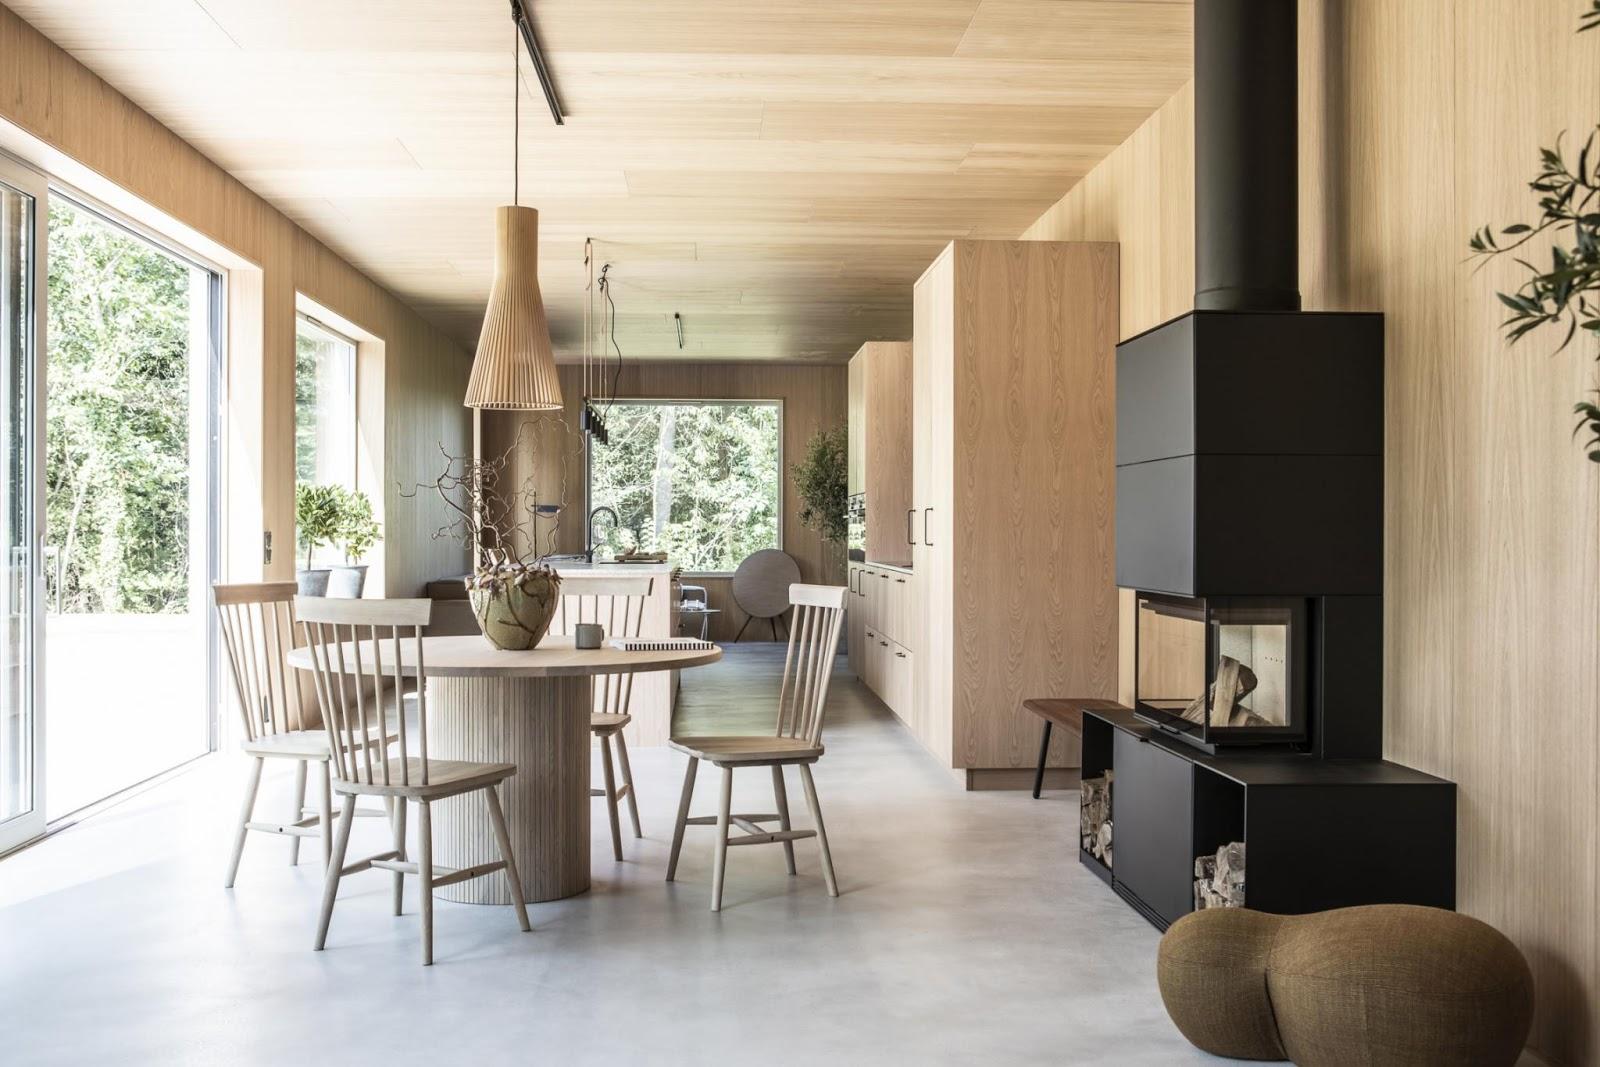 Coffee Break | The Italian Way of Design: Una casa dalle linee semplici in Svezia